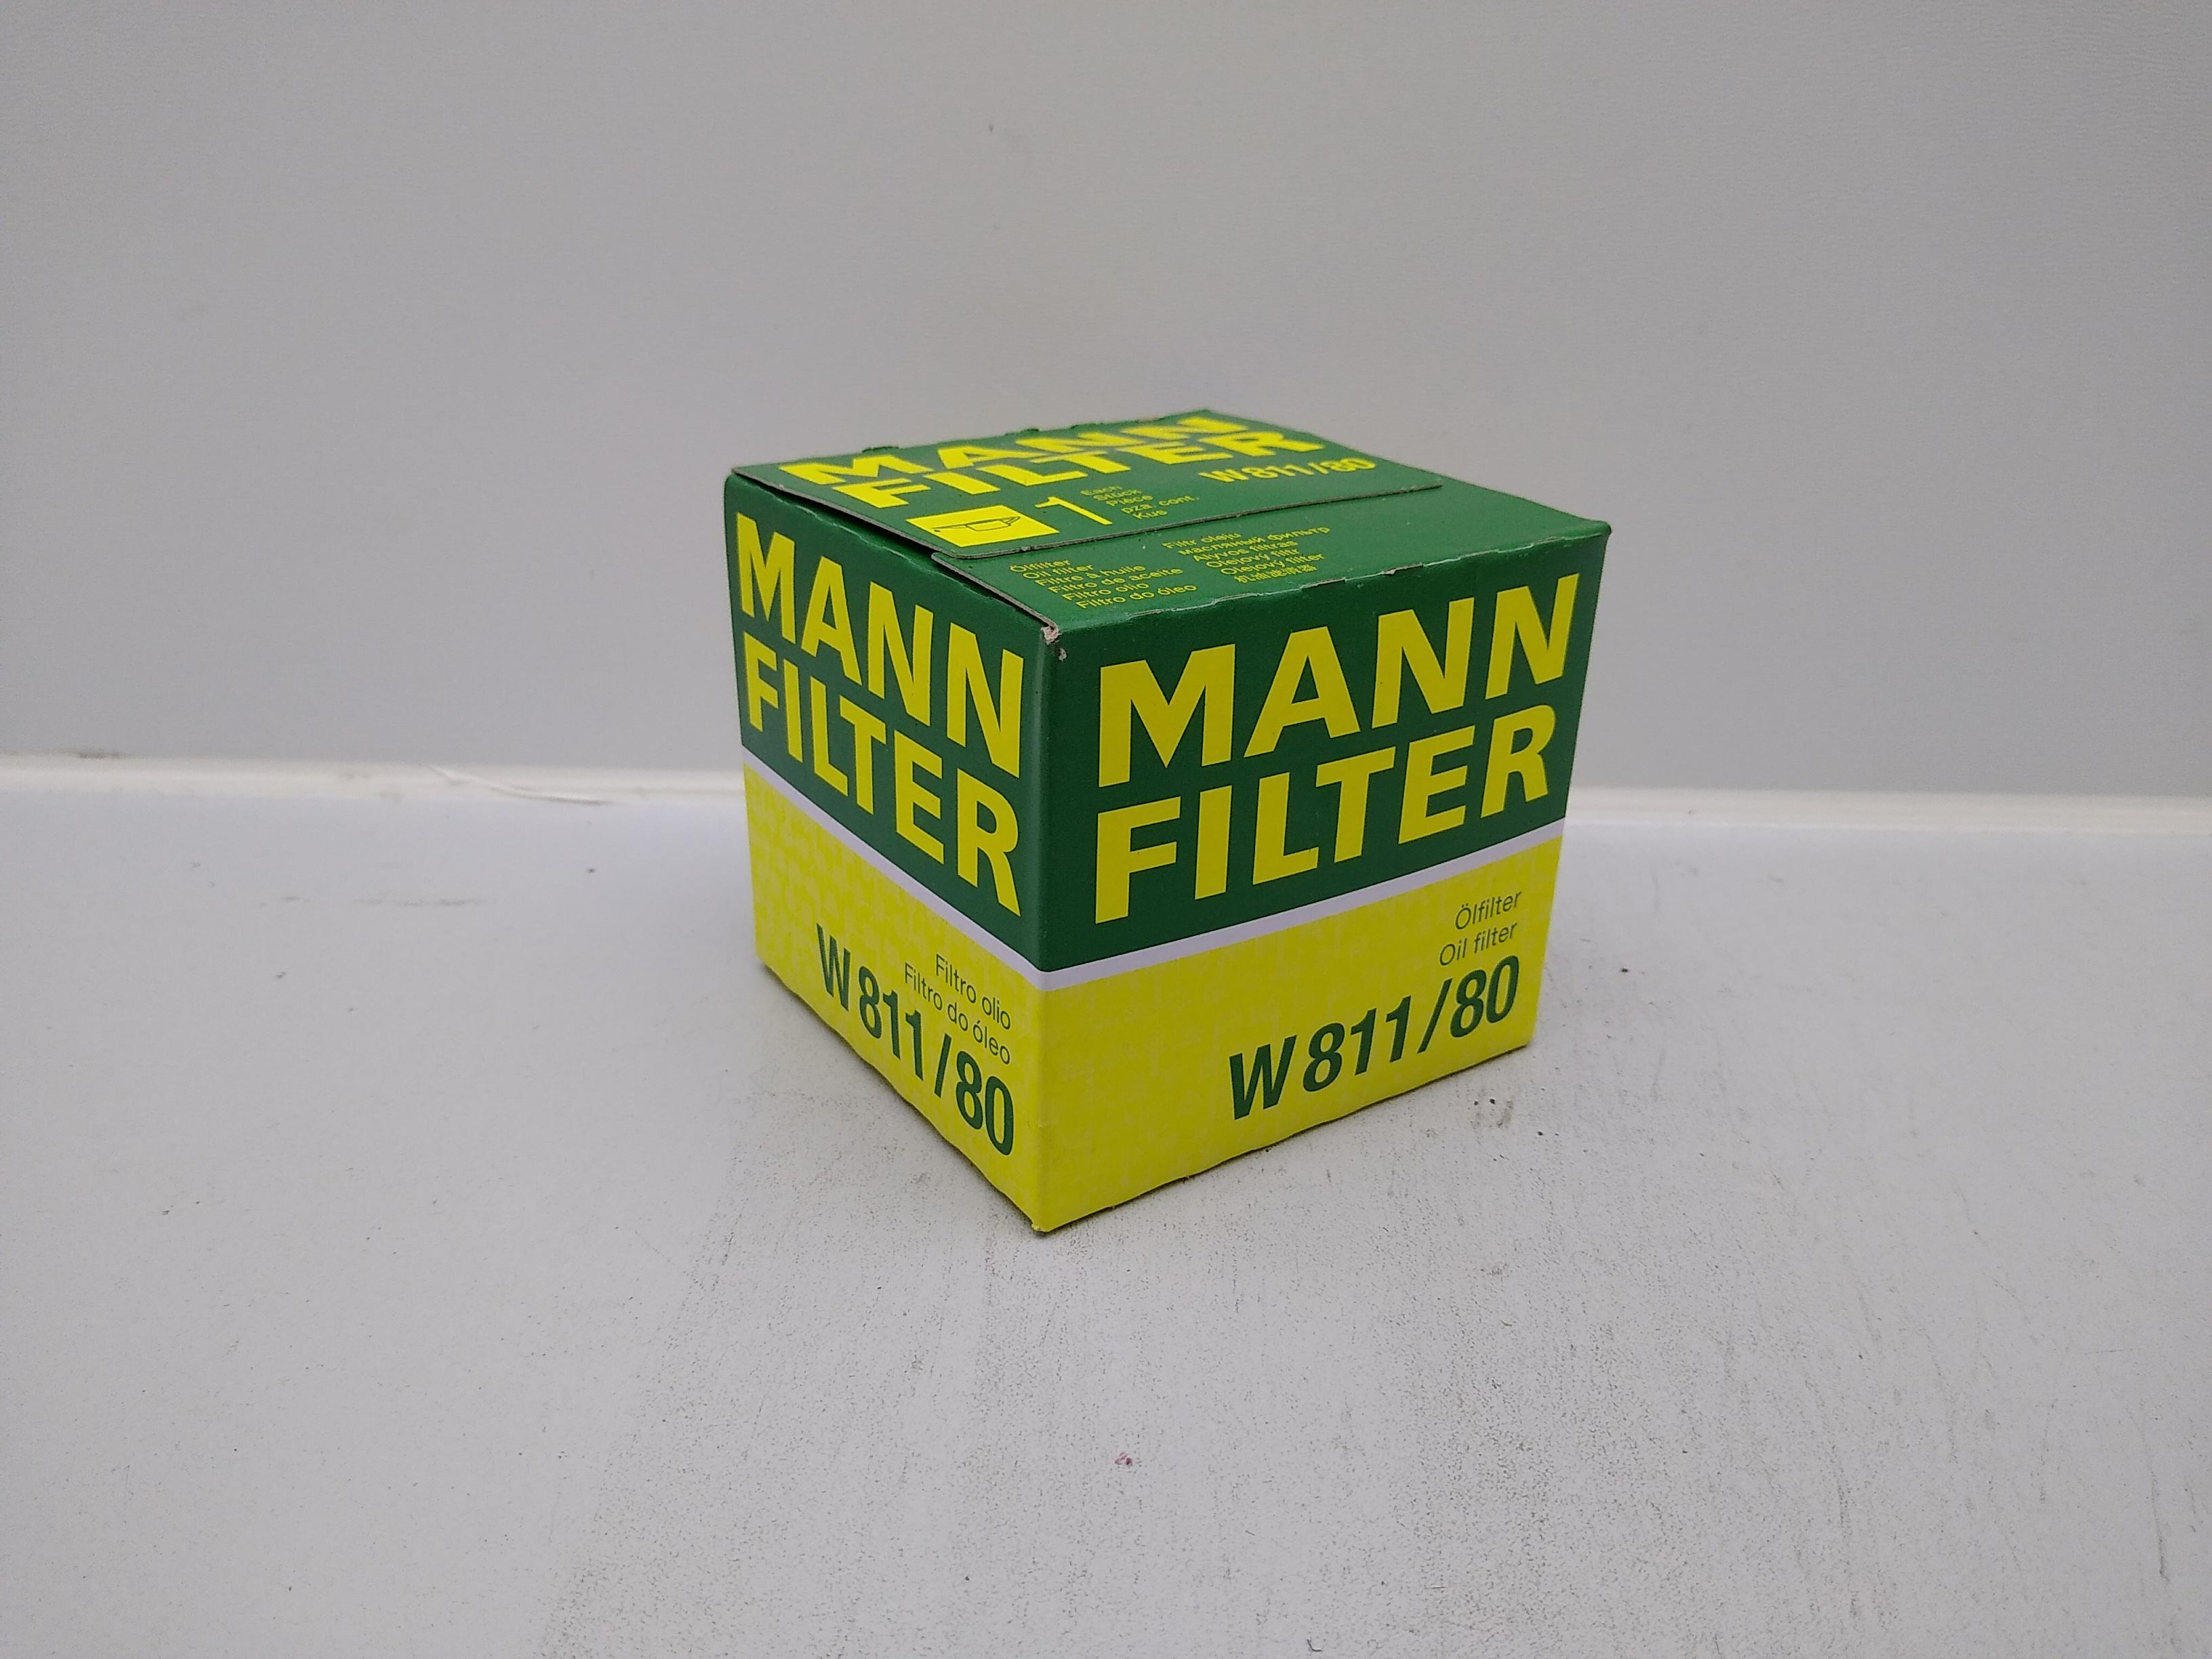 Mann Filter Ölfilter W811/80 für Subaru SVX EG33